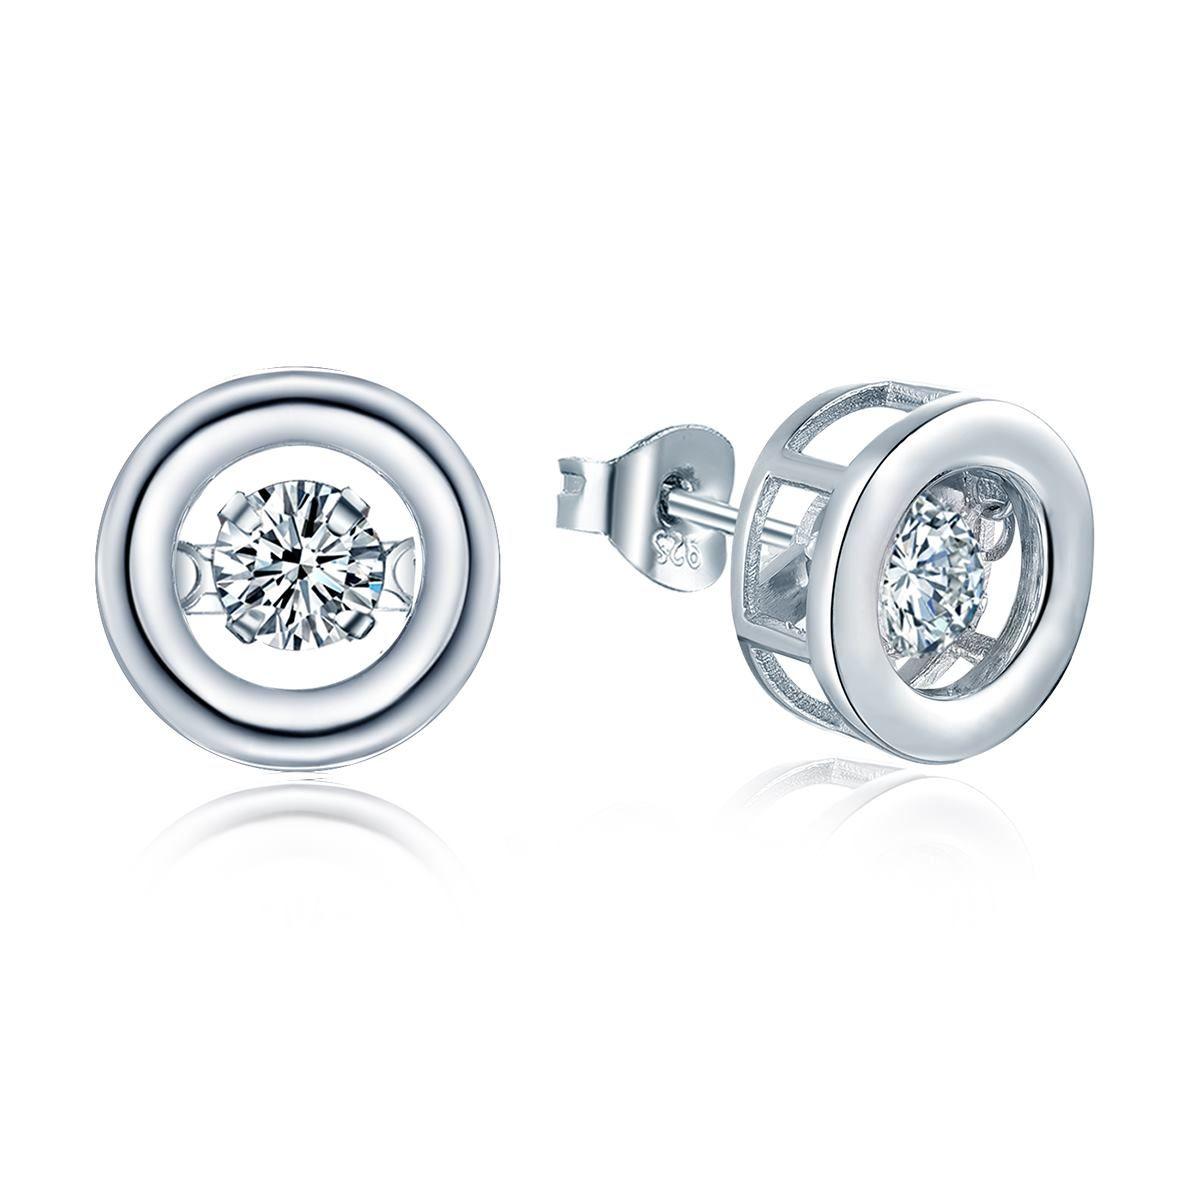 Hochzeits- & Verlobungs-schmuck Roxi Marke Ring Für Frauen Mode Kristall Zirkonia Gold Farbe Ringe Für Frauen Luxus Verlobungsring Elegante Hochzeit Schmuck 100% Hochwertige Materialien